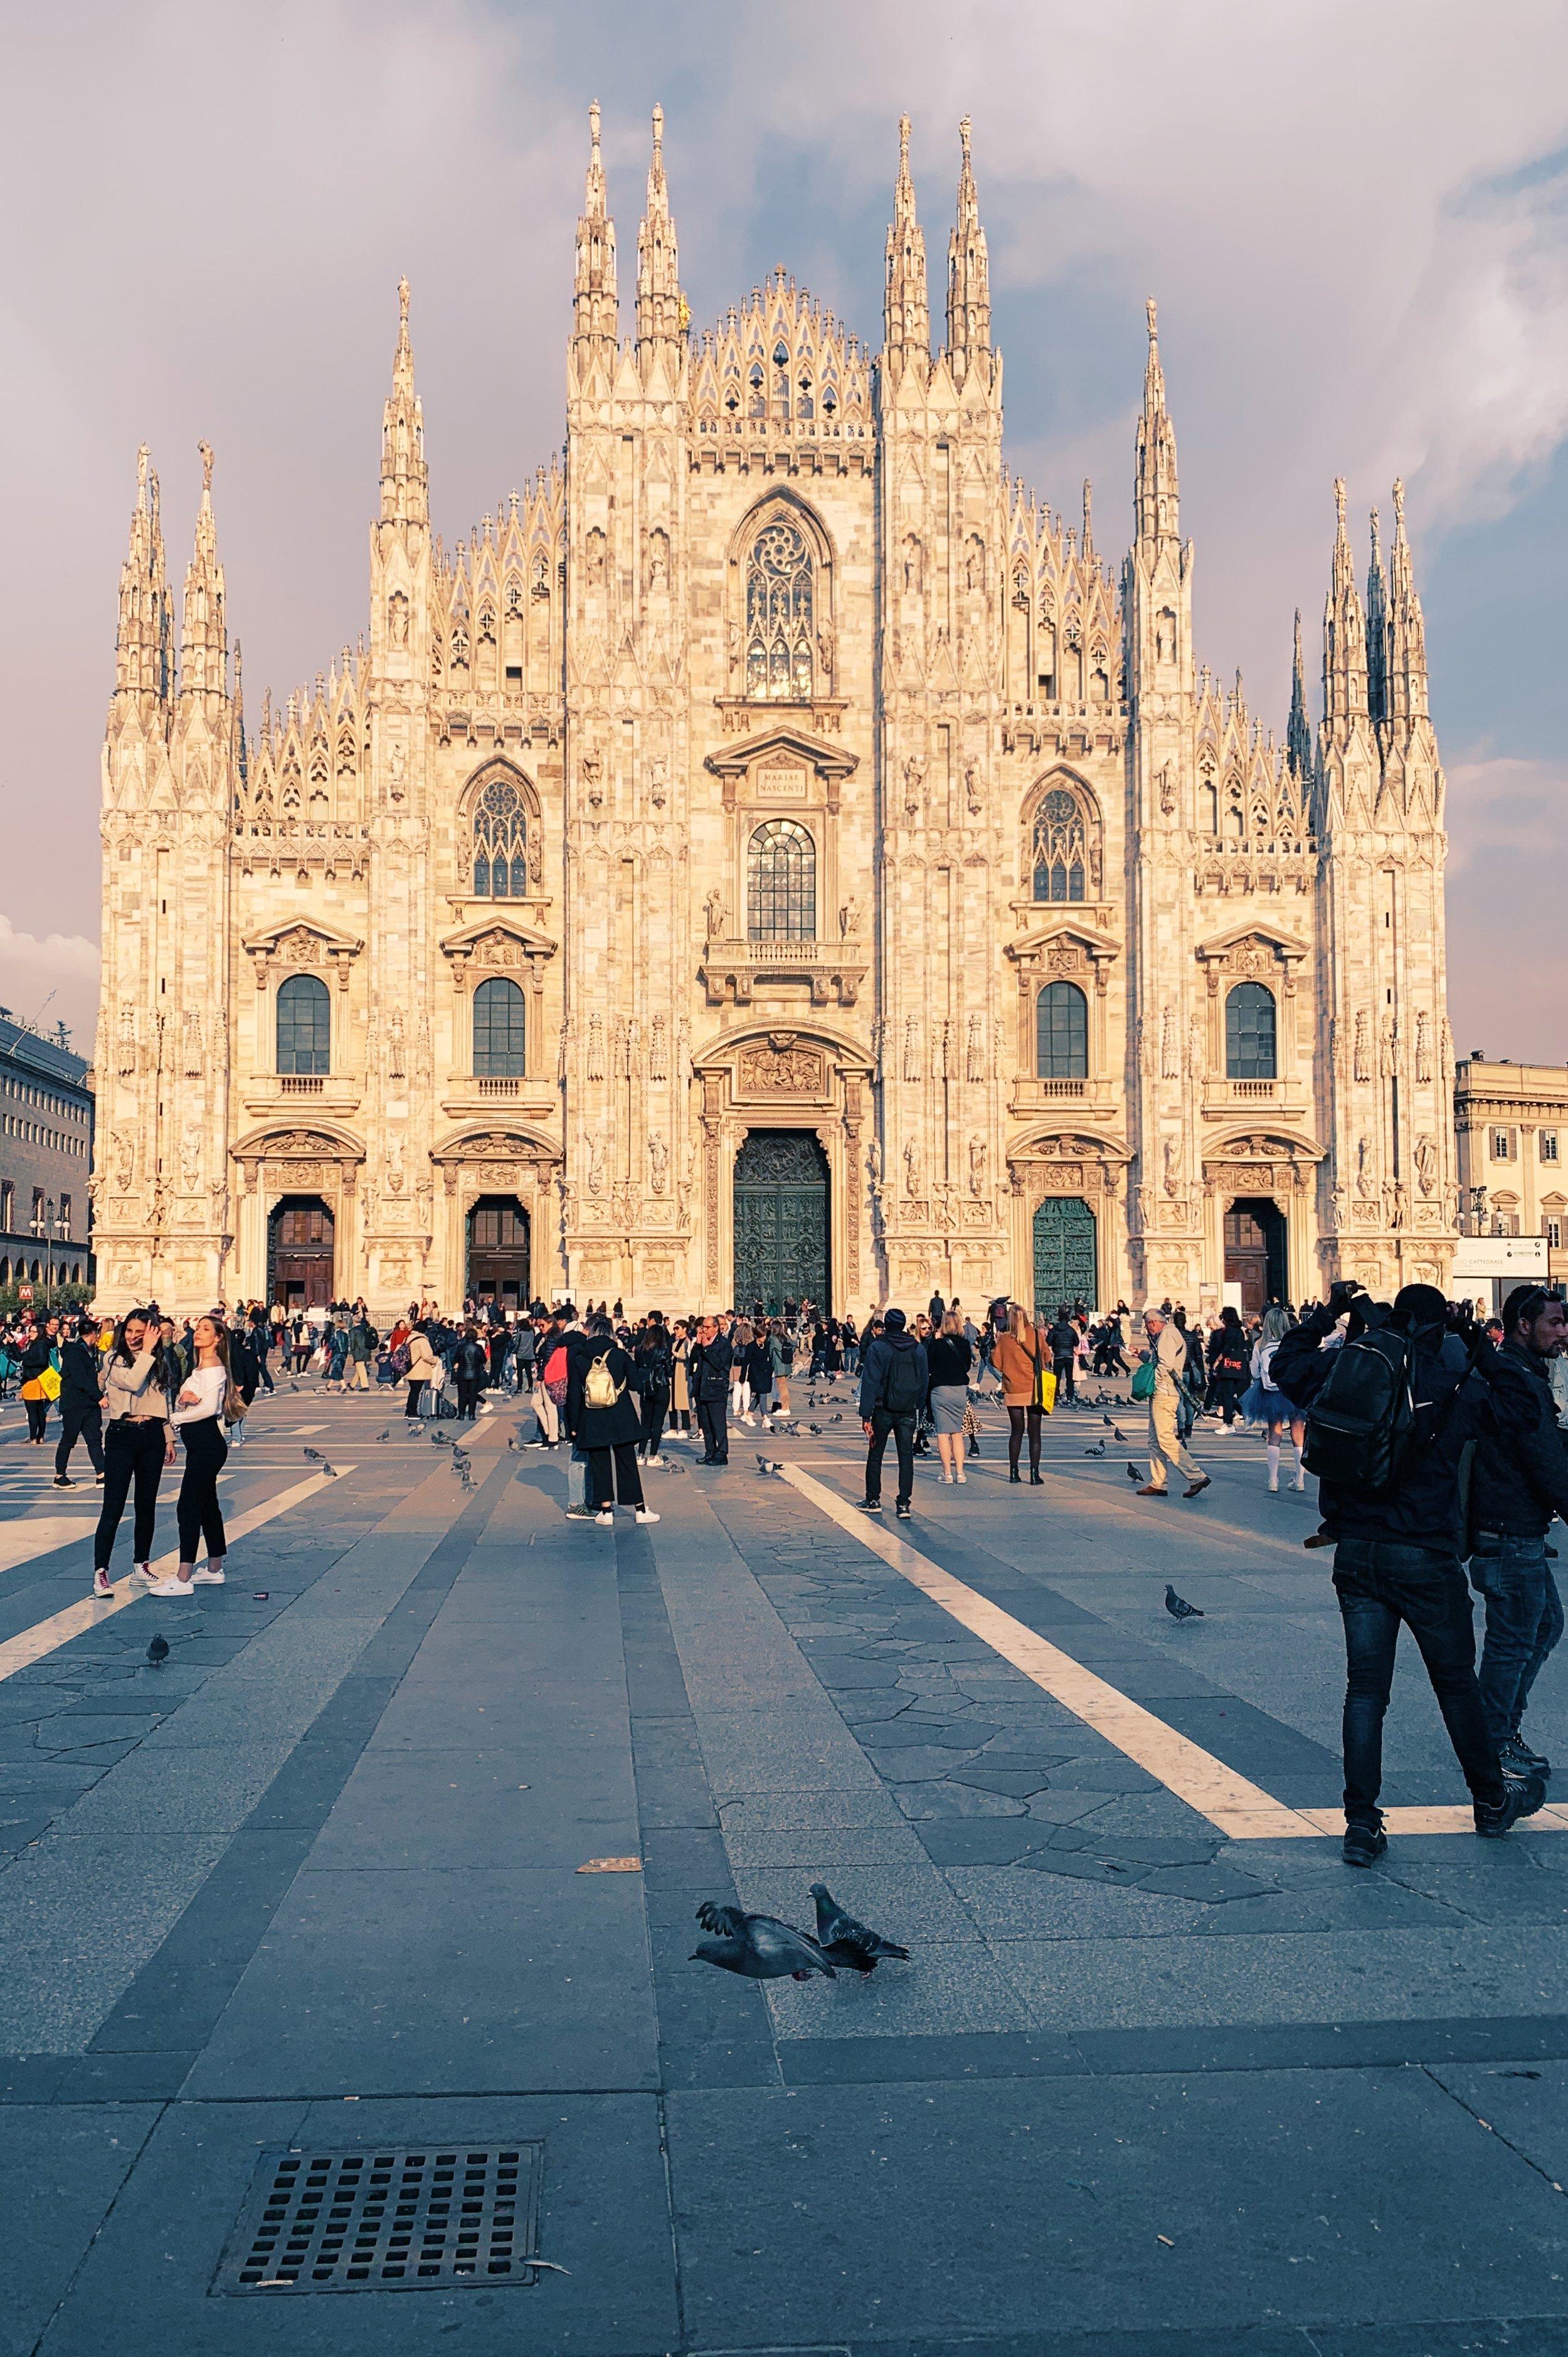 Milan Duomo at dusk.